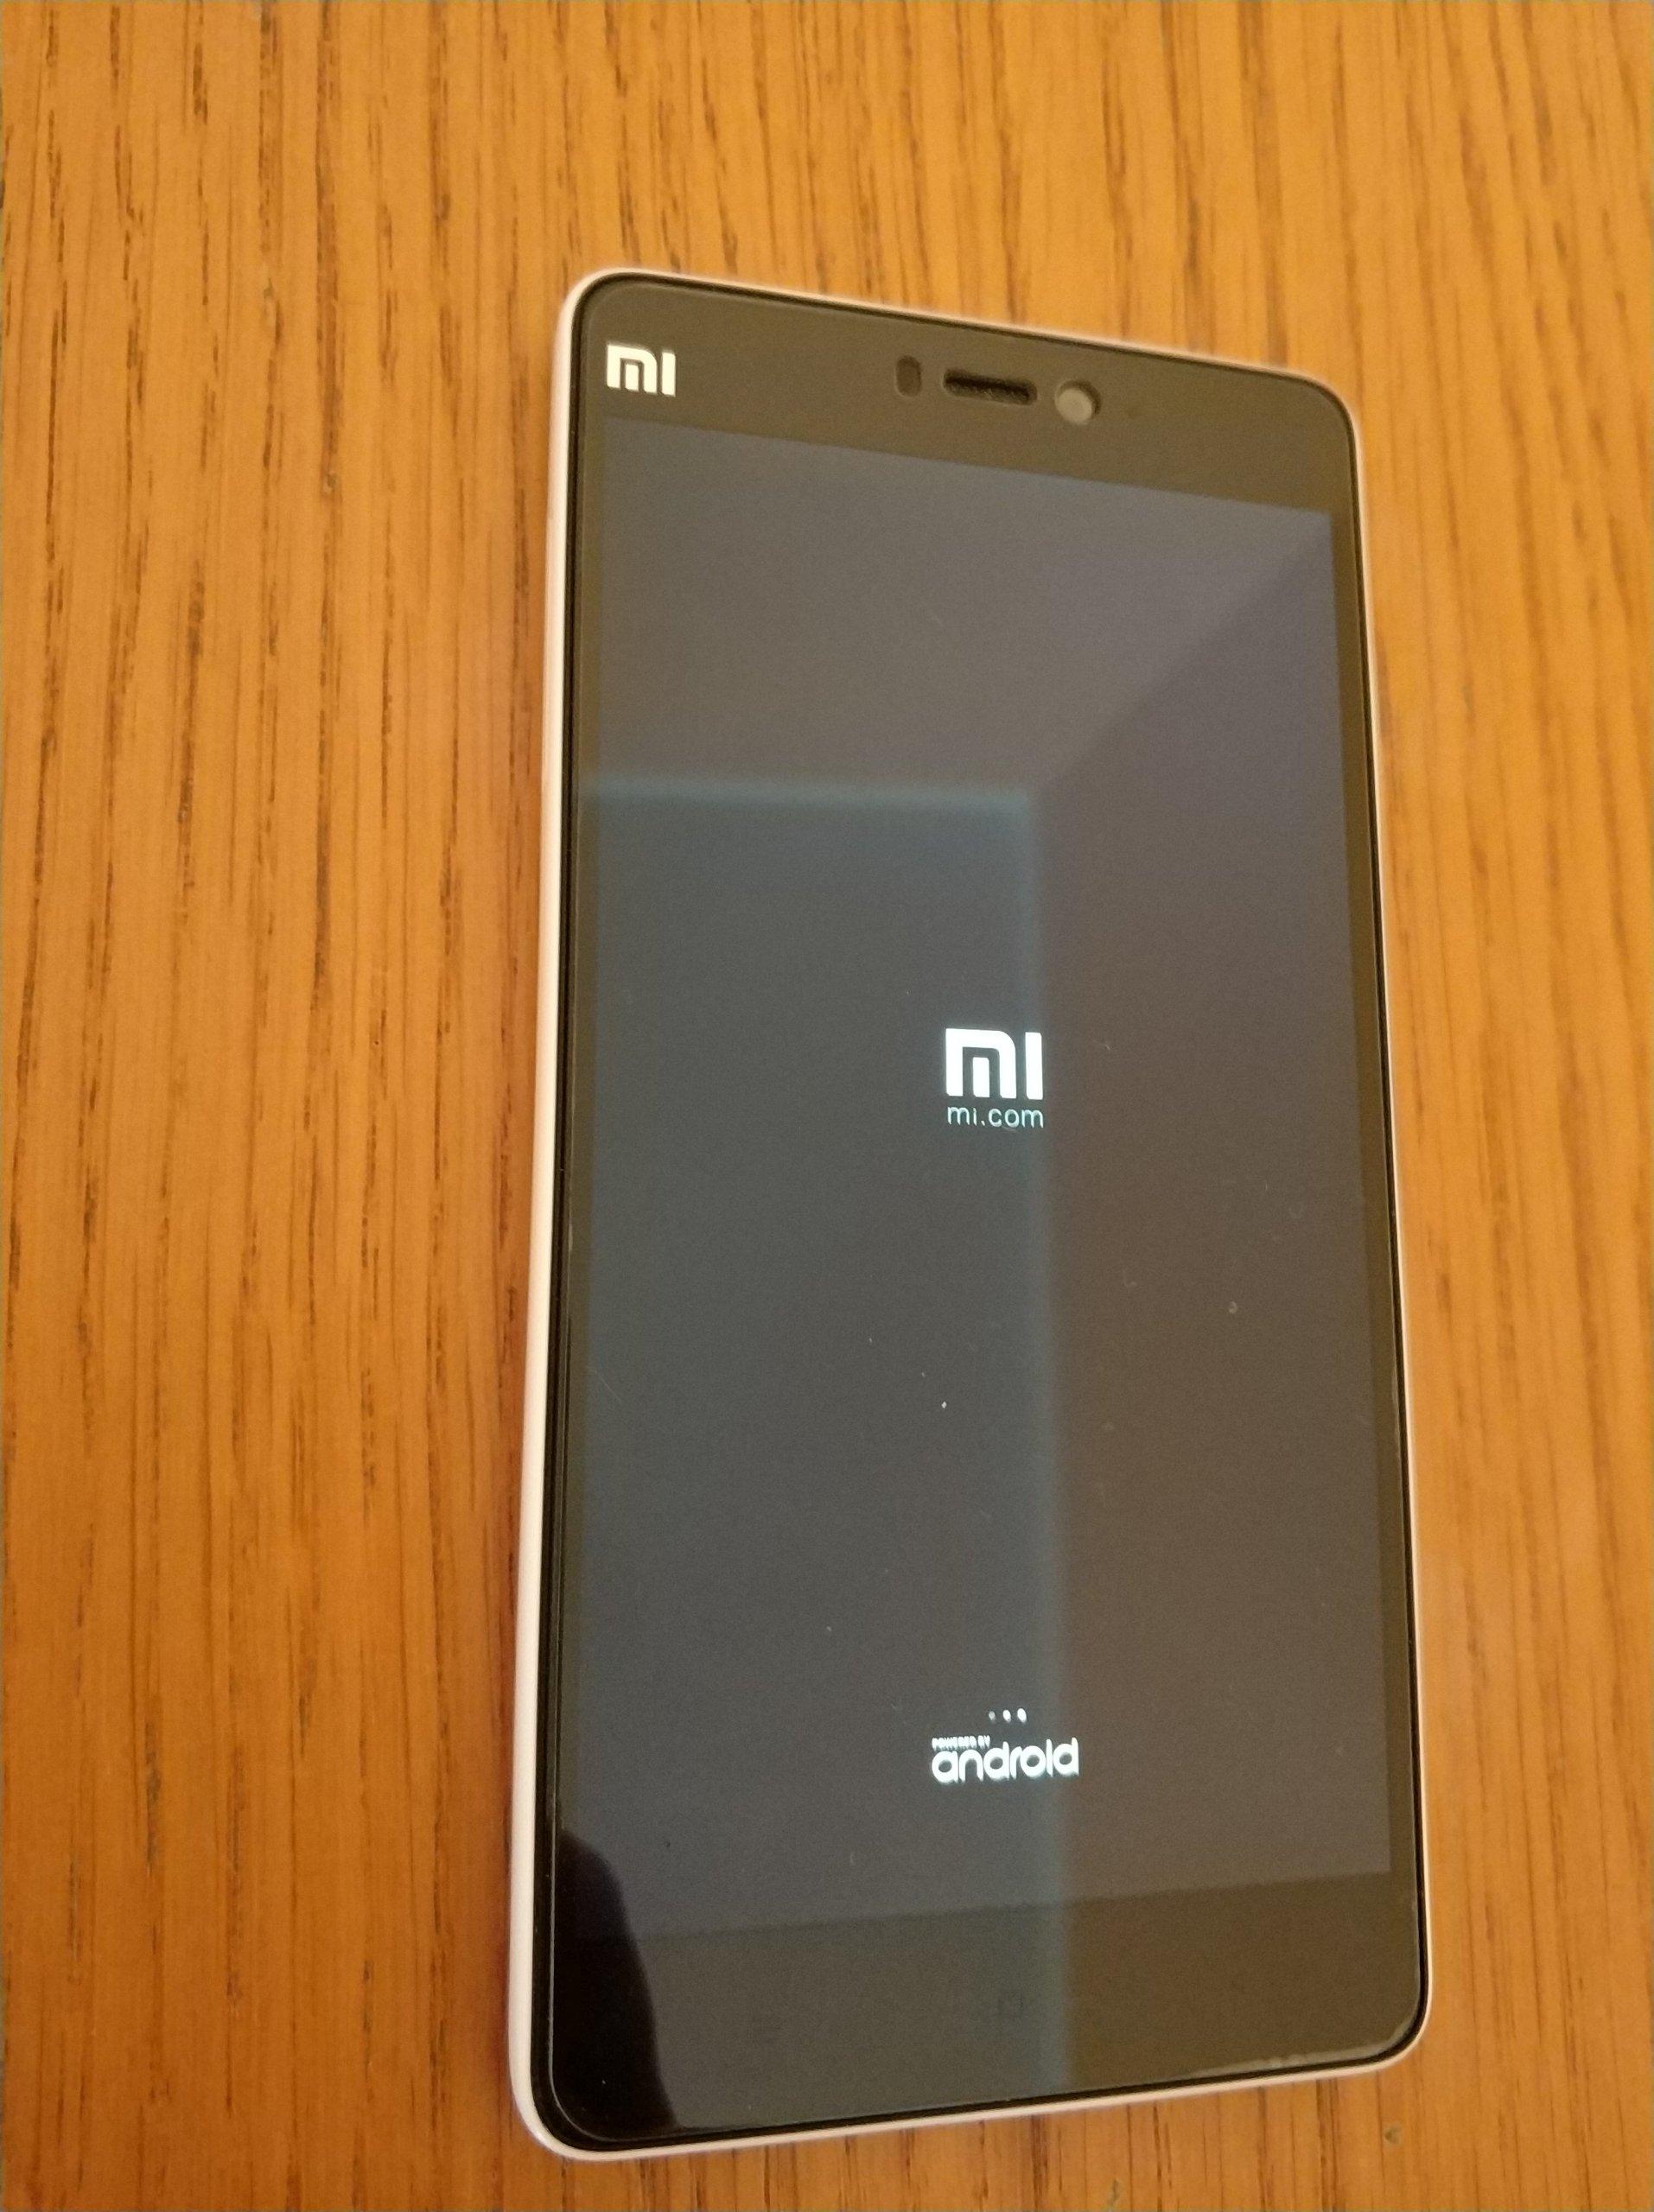 Xiaomi Mi4c 32gb 3gb Ram Biay Dual Sim Uywany 7169446957 Mi 4c White